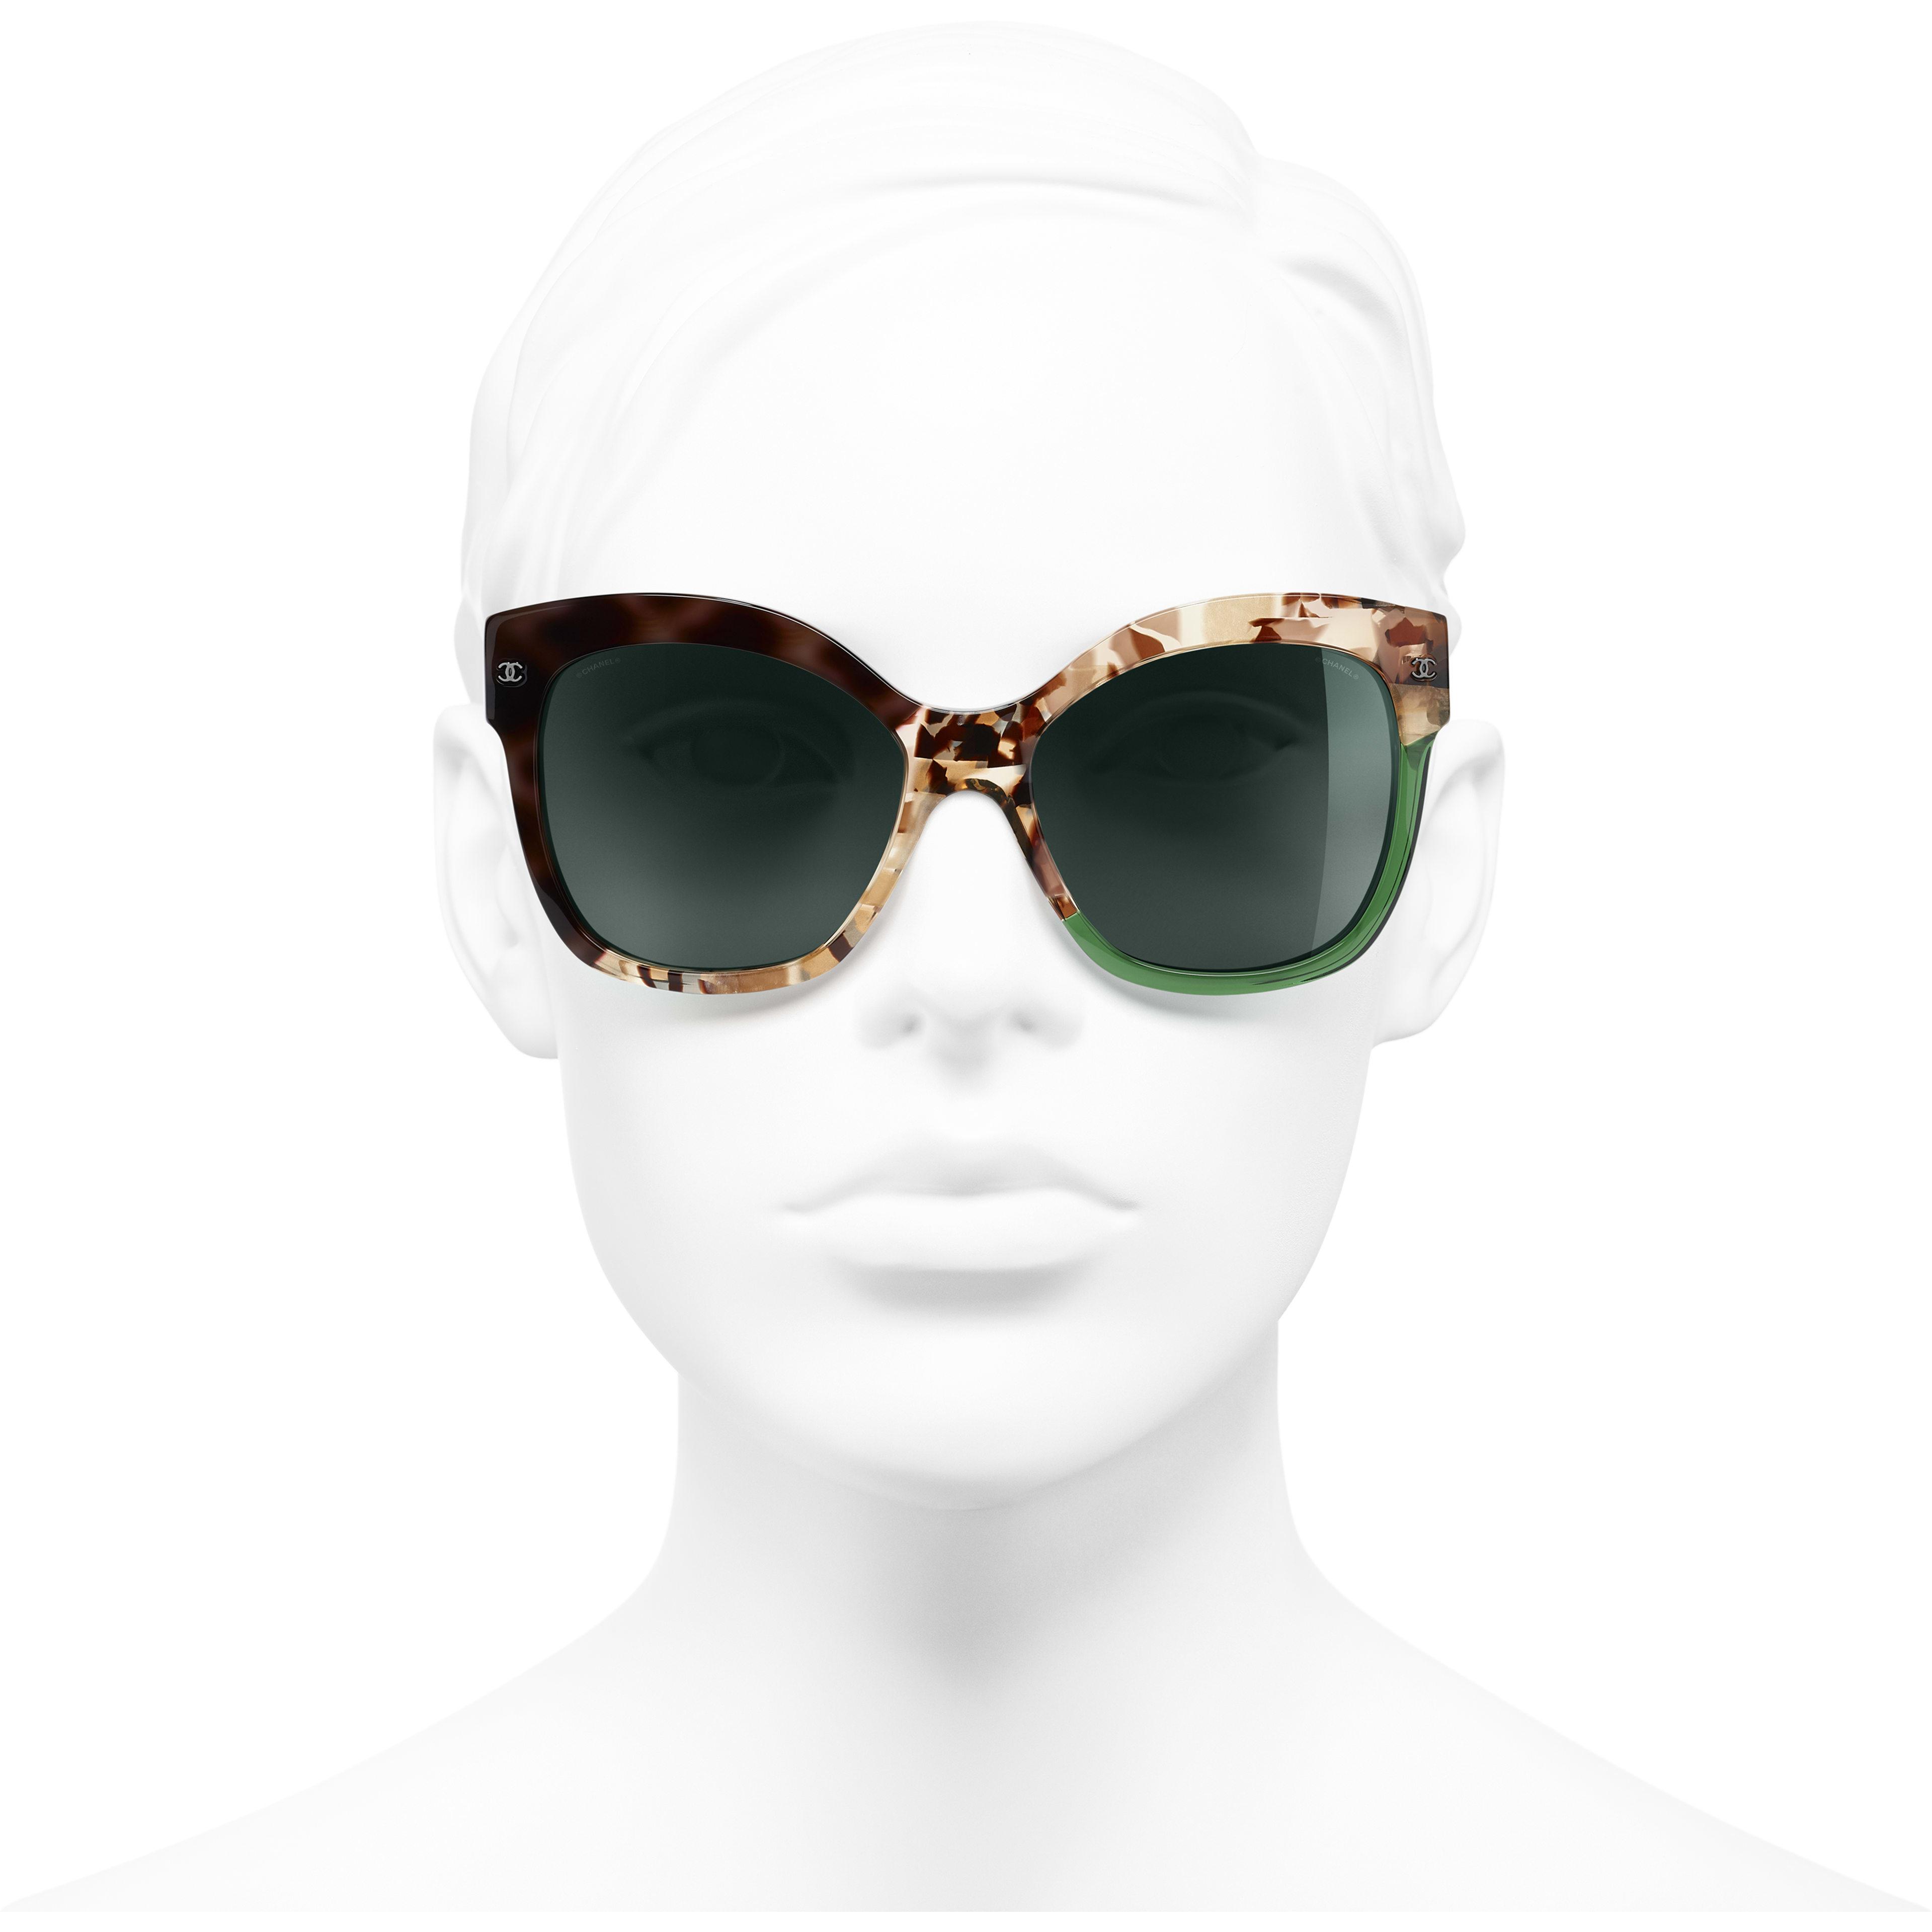 Óculos De Sol Em Formato Borboleta - Dark Tortoise & Green - Acetate - CHANEL - Vista de frente - ver a versão em tamanho standard